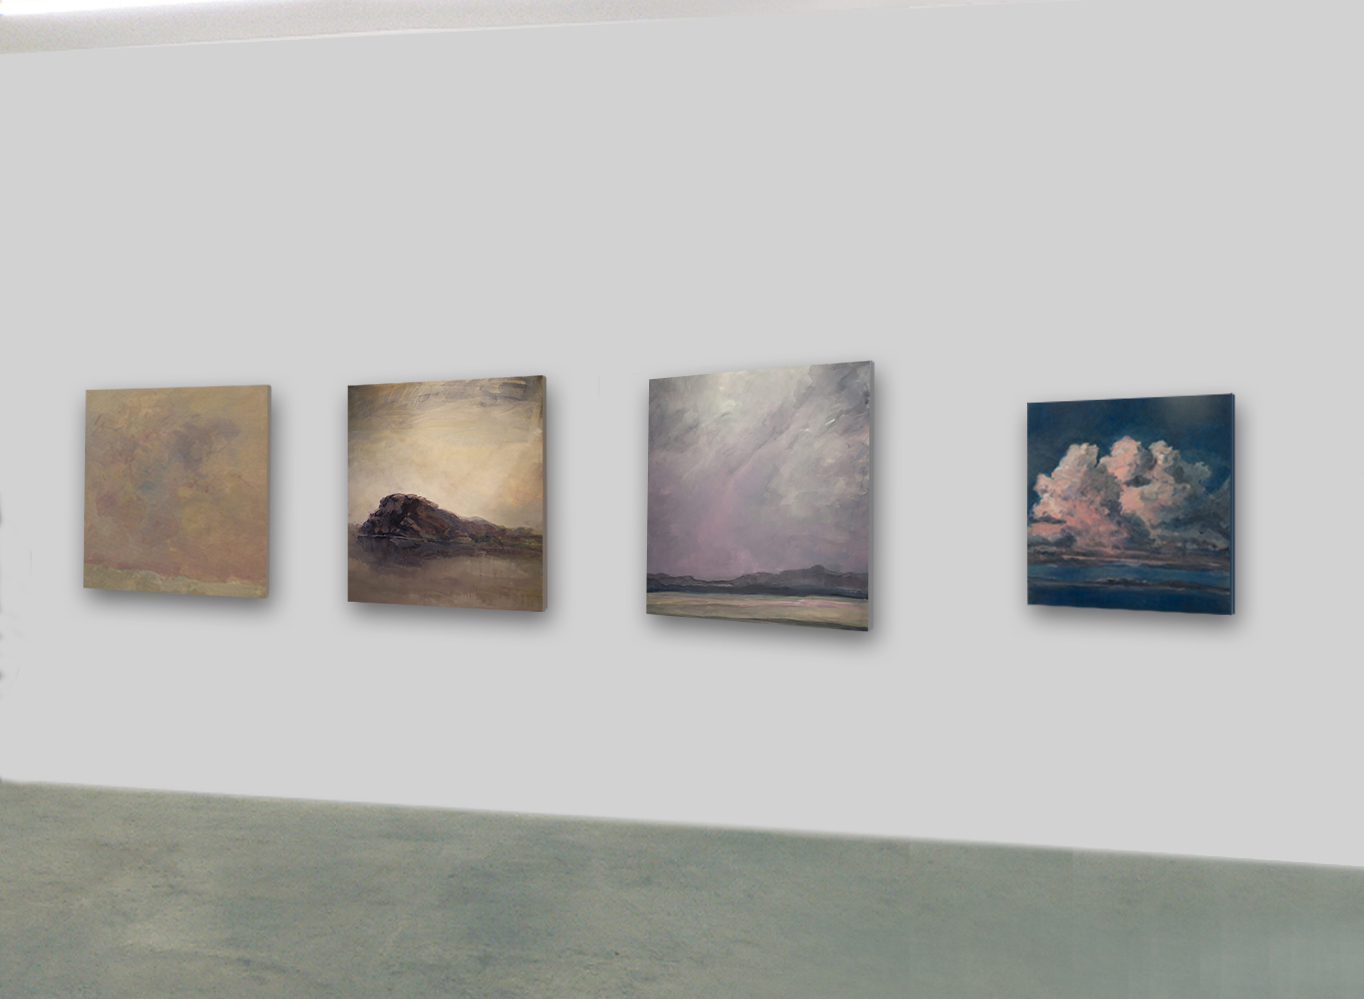 gallery cropsnall paintings copy copy.jpg